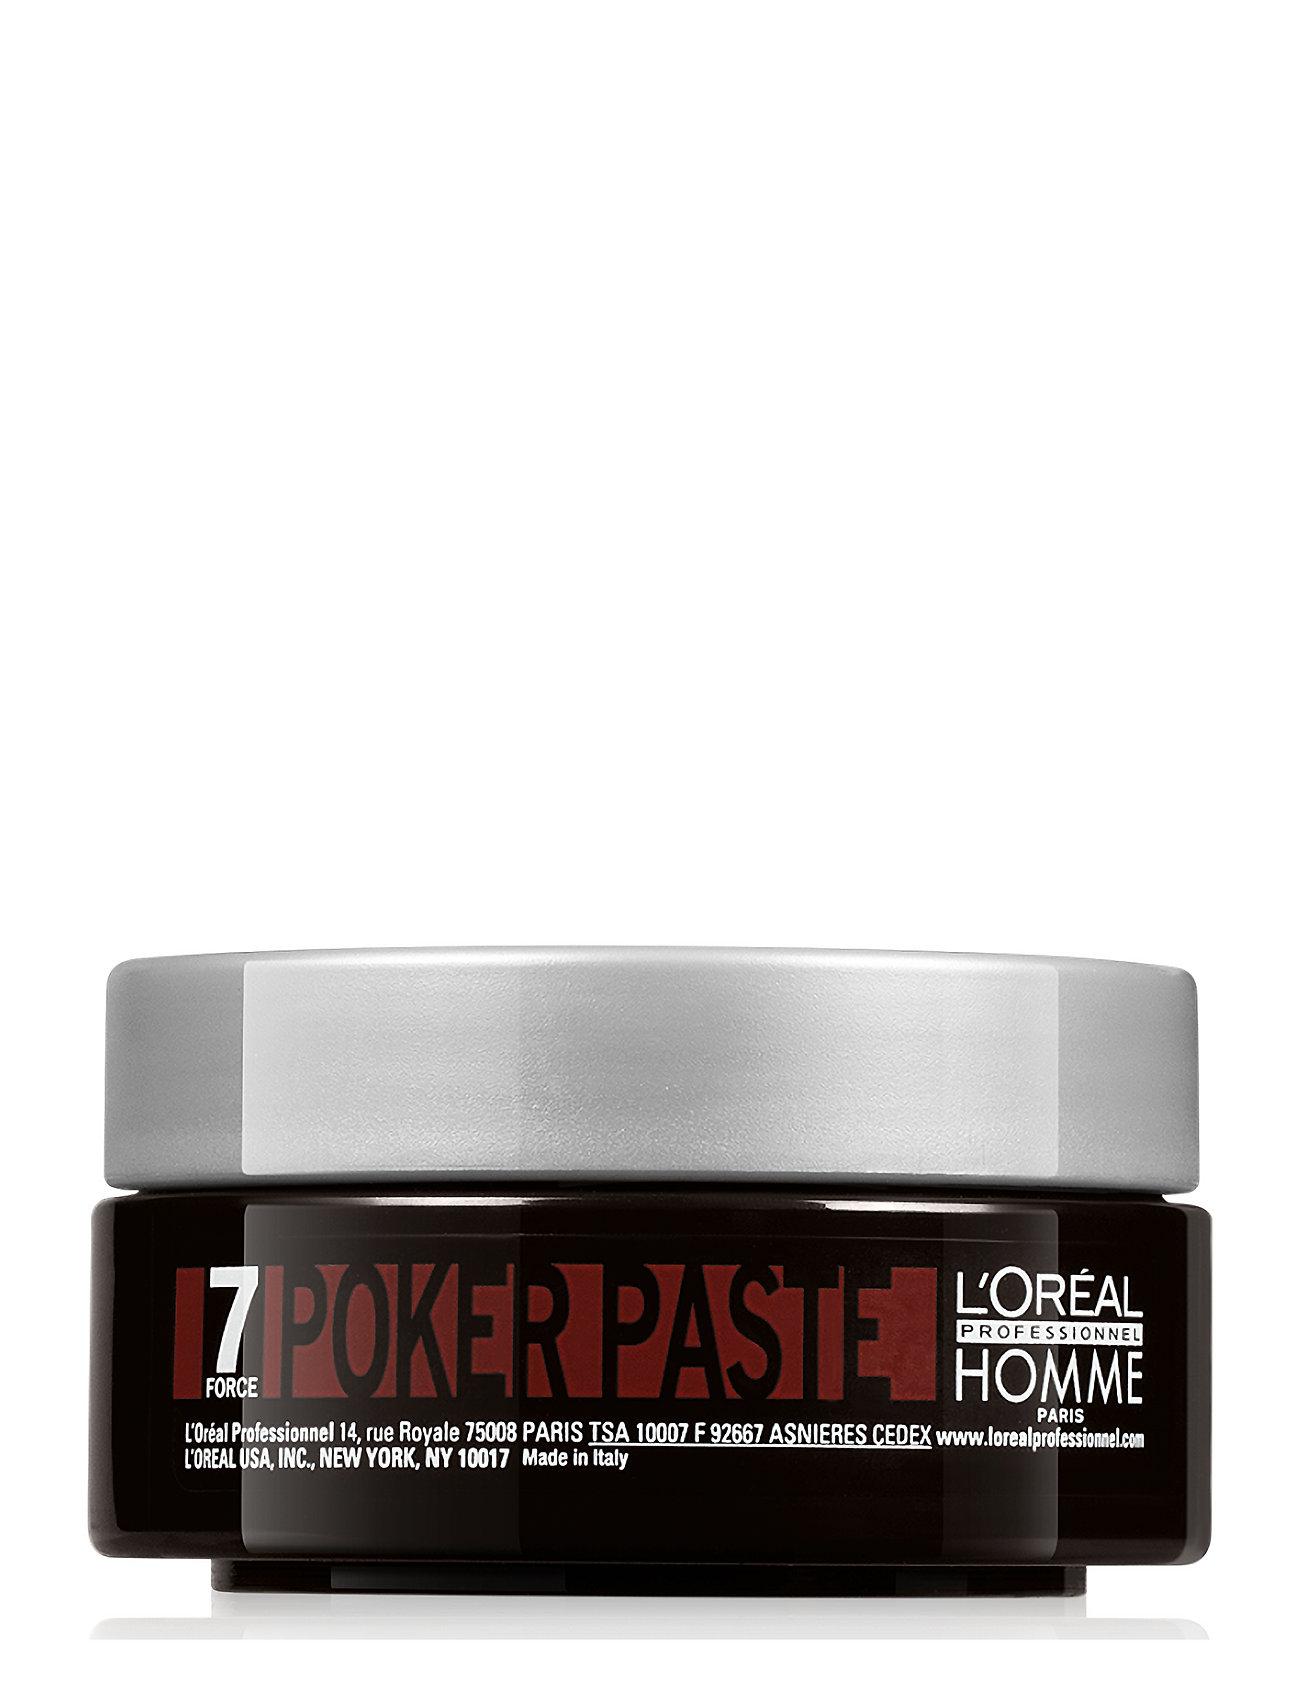 L'Oréal Professionnel L'Oréal Professionnel Homme Poker Paste - CLEAR